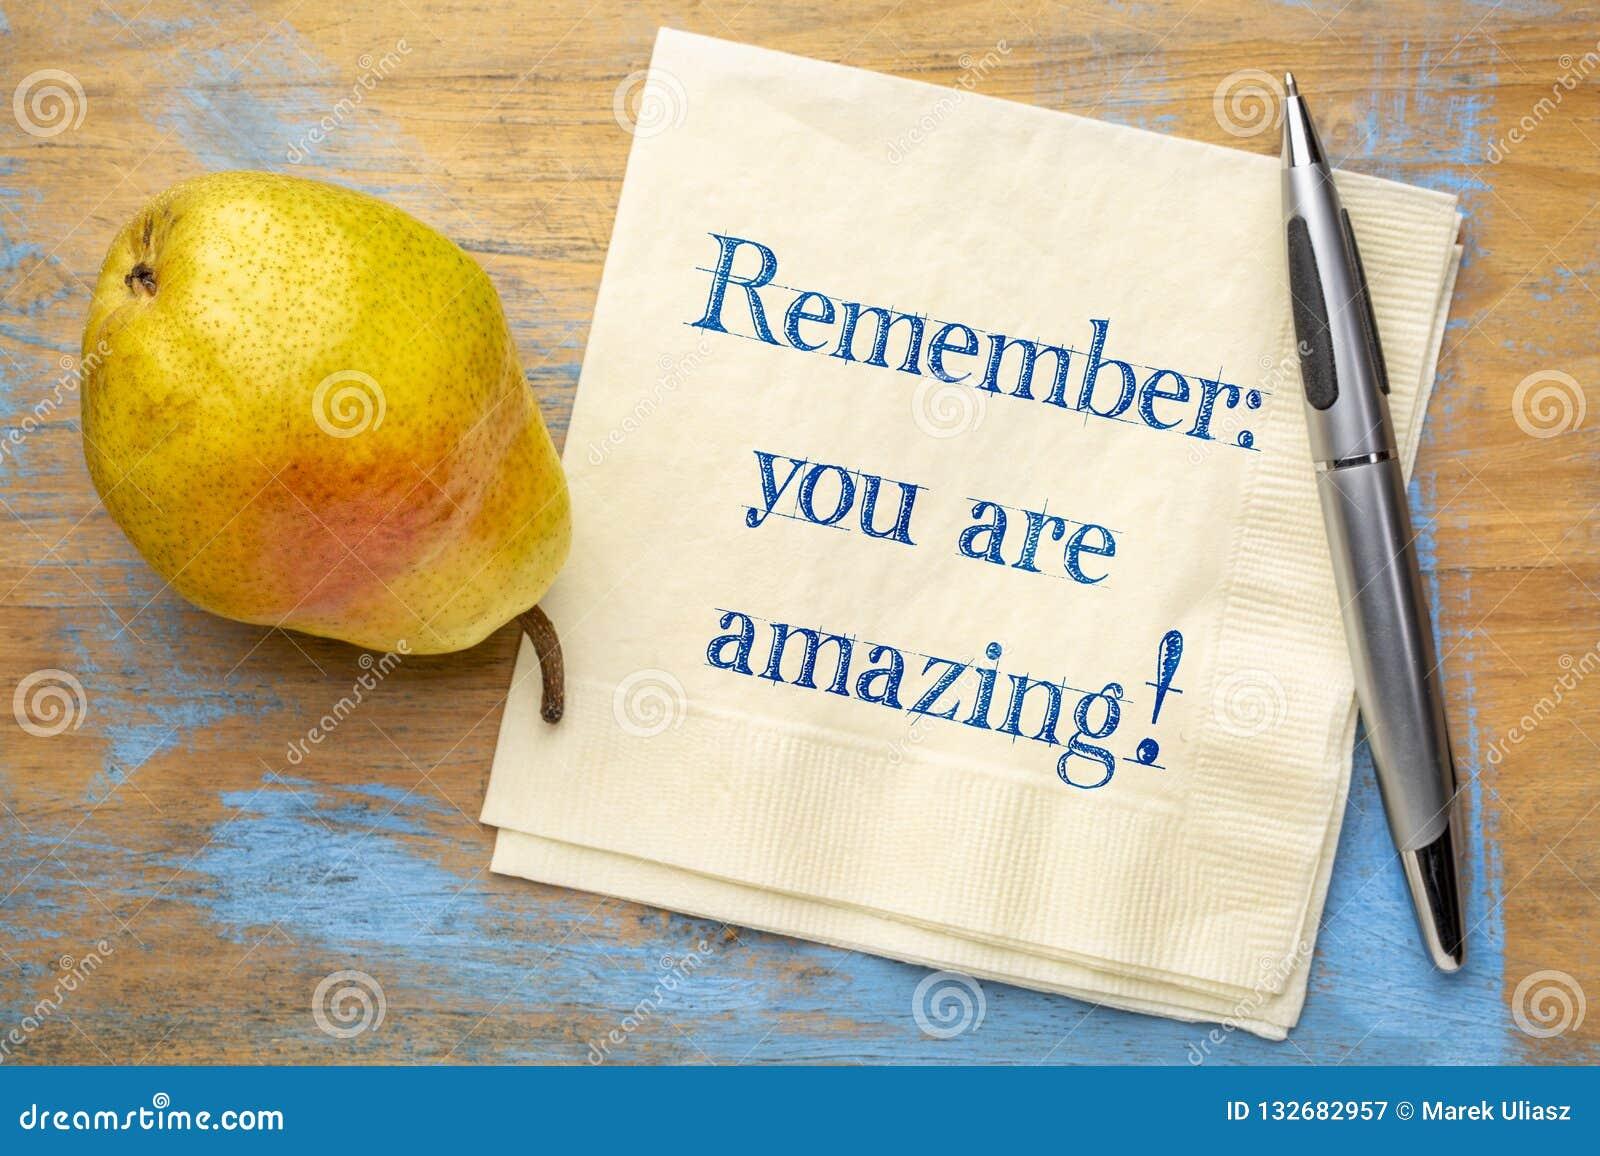 Pamięta - ty jesteś zadziwiający